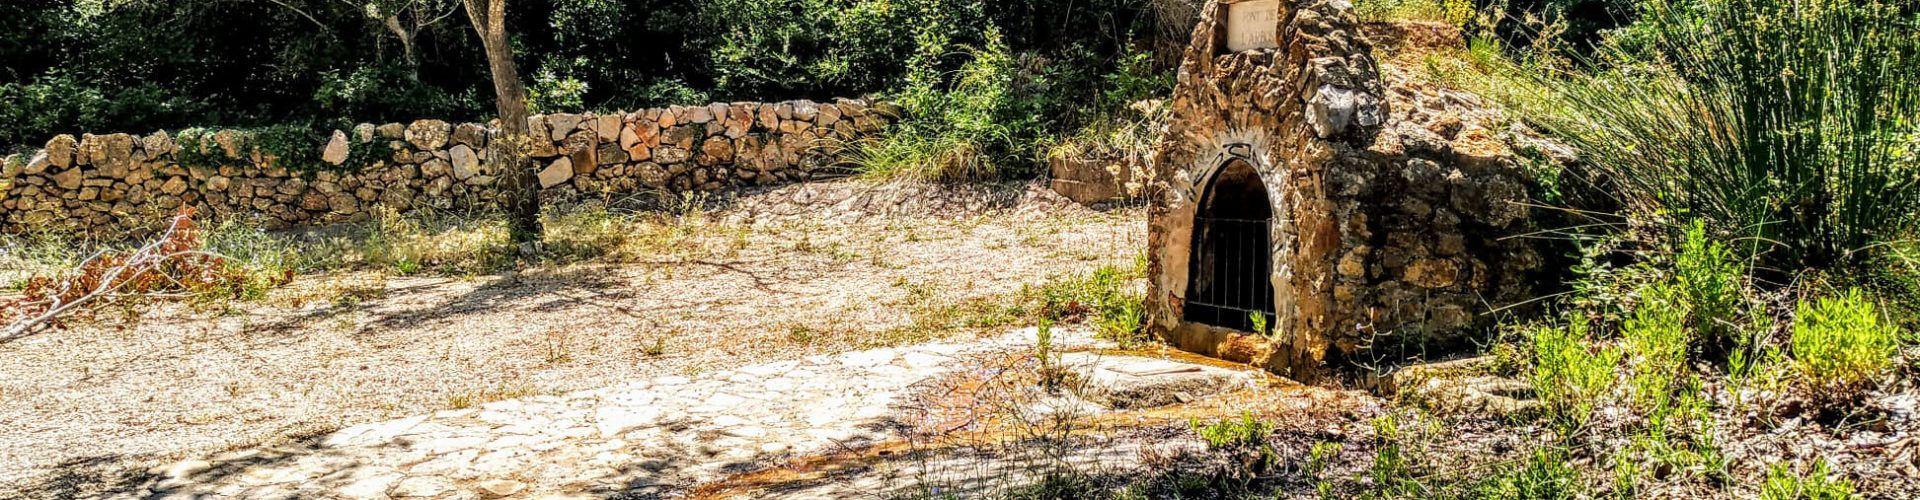 Fotos: Font de l'Arboç (Godall)